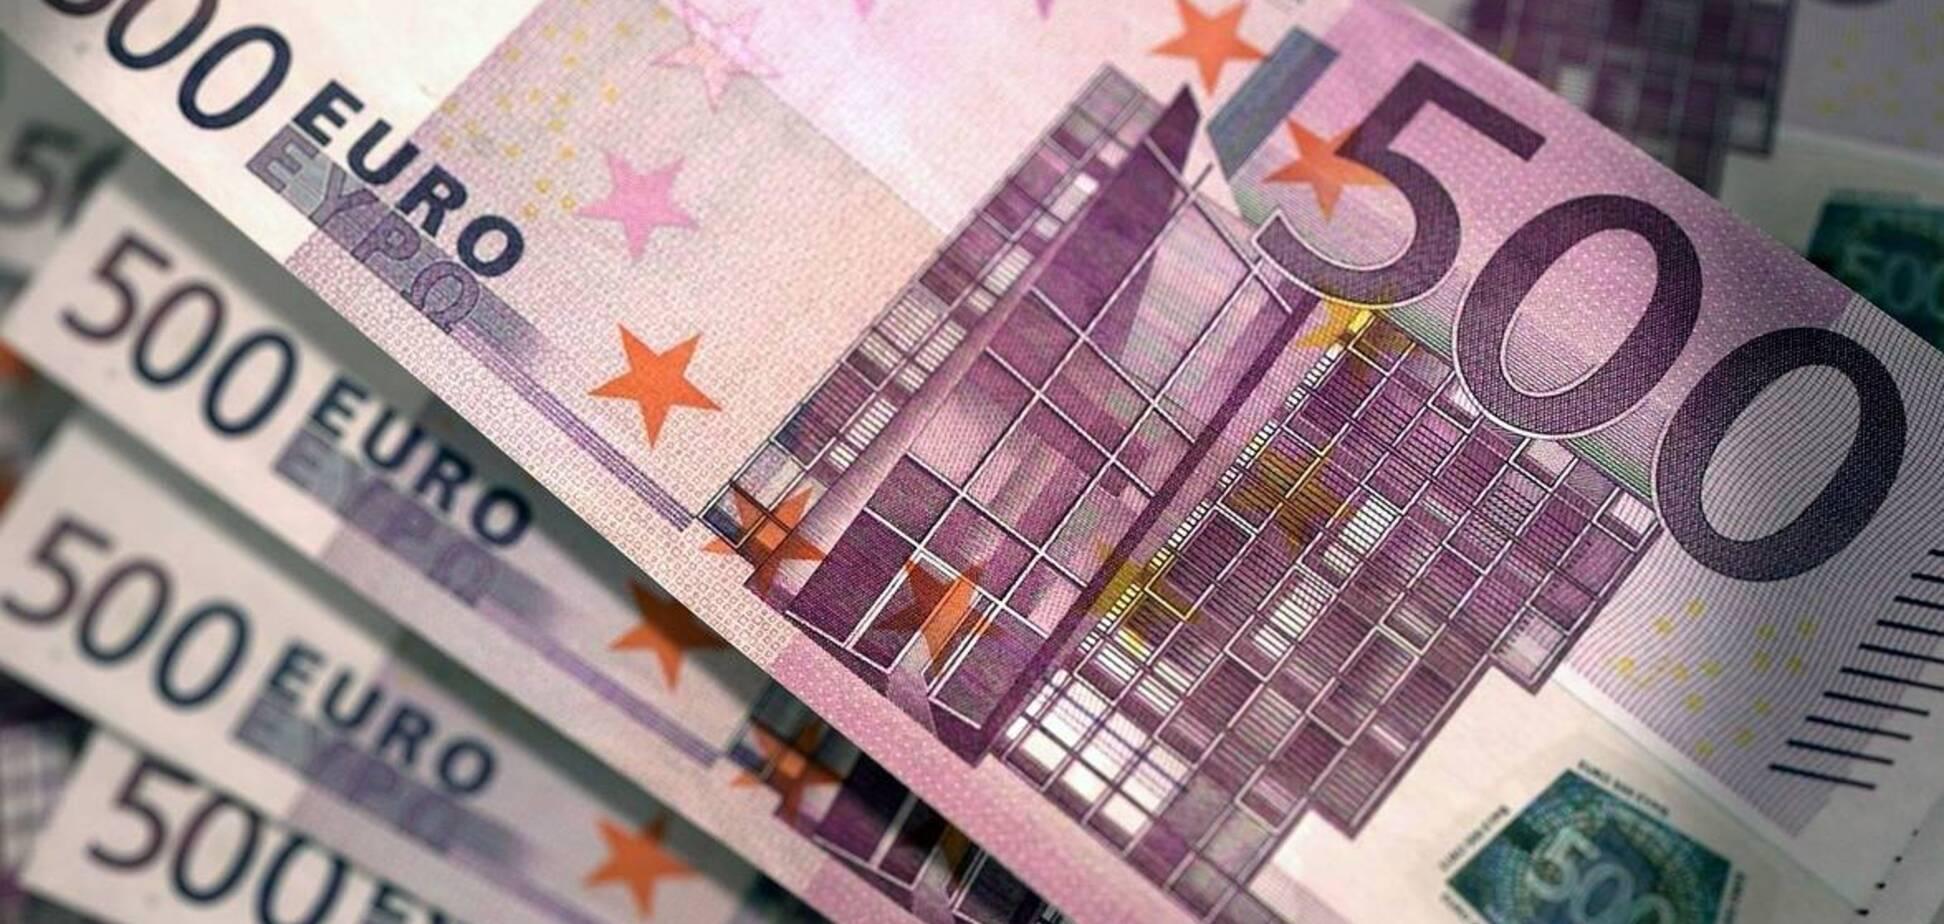 Розміщення нових євробондів для викупу старих облігацій не принесе Україні вигоди